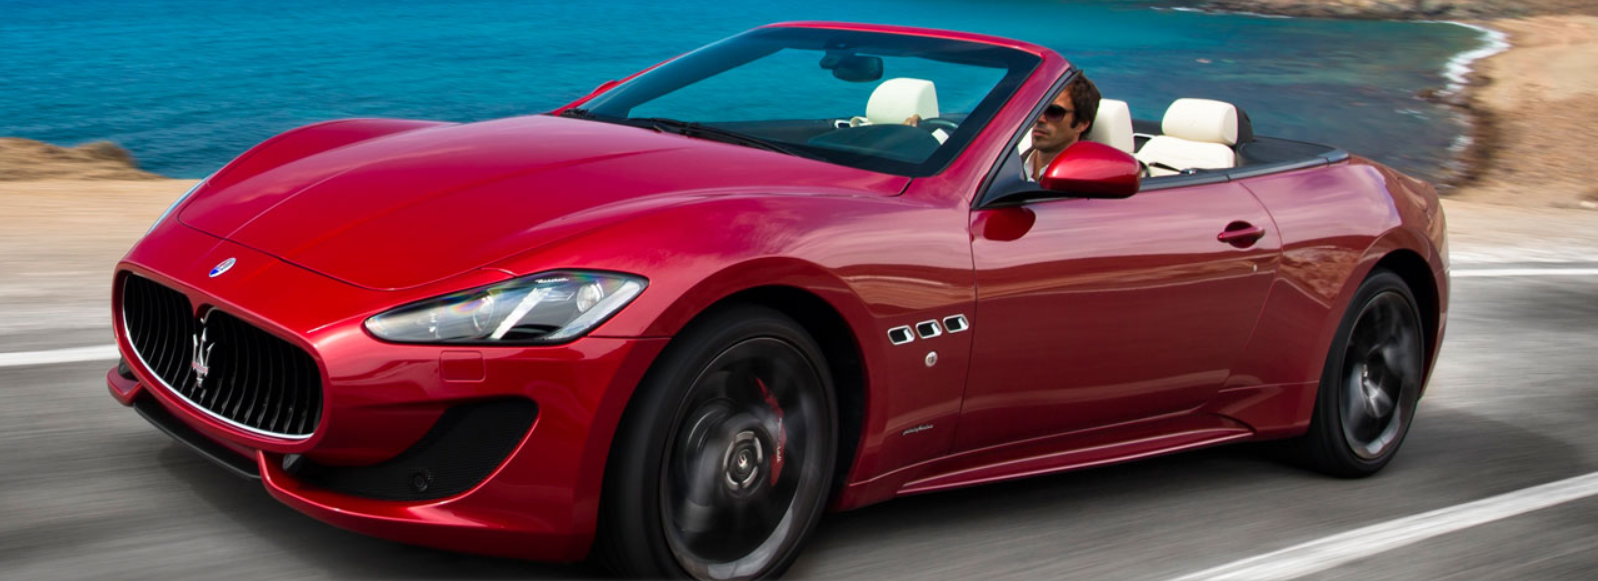 Maserati_Gran_Cabrio_Sport-ด้านหน้า